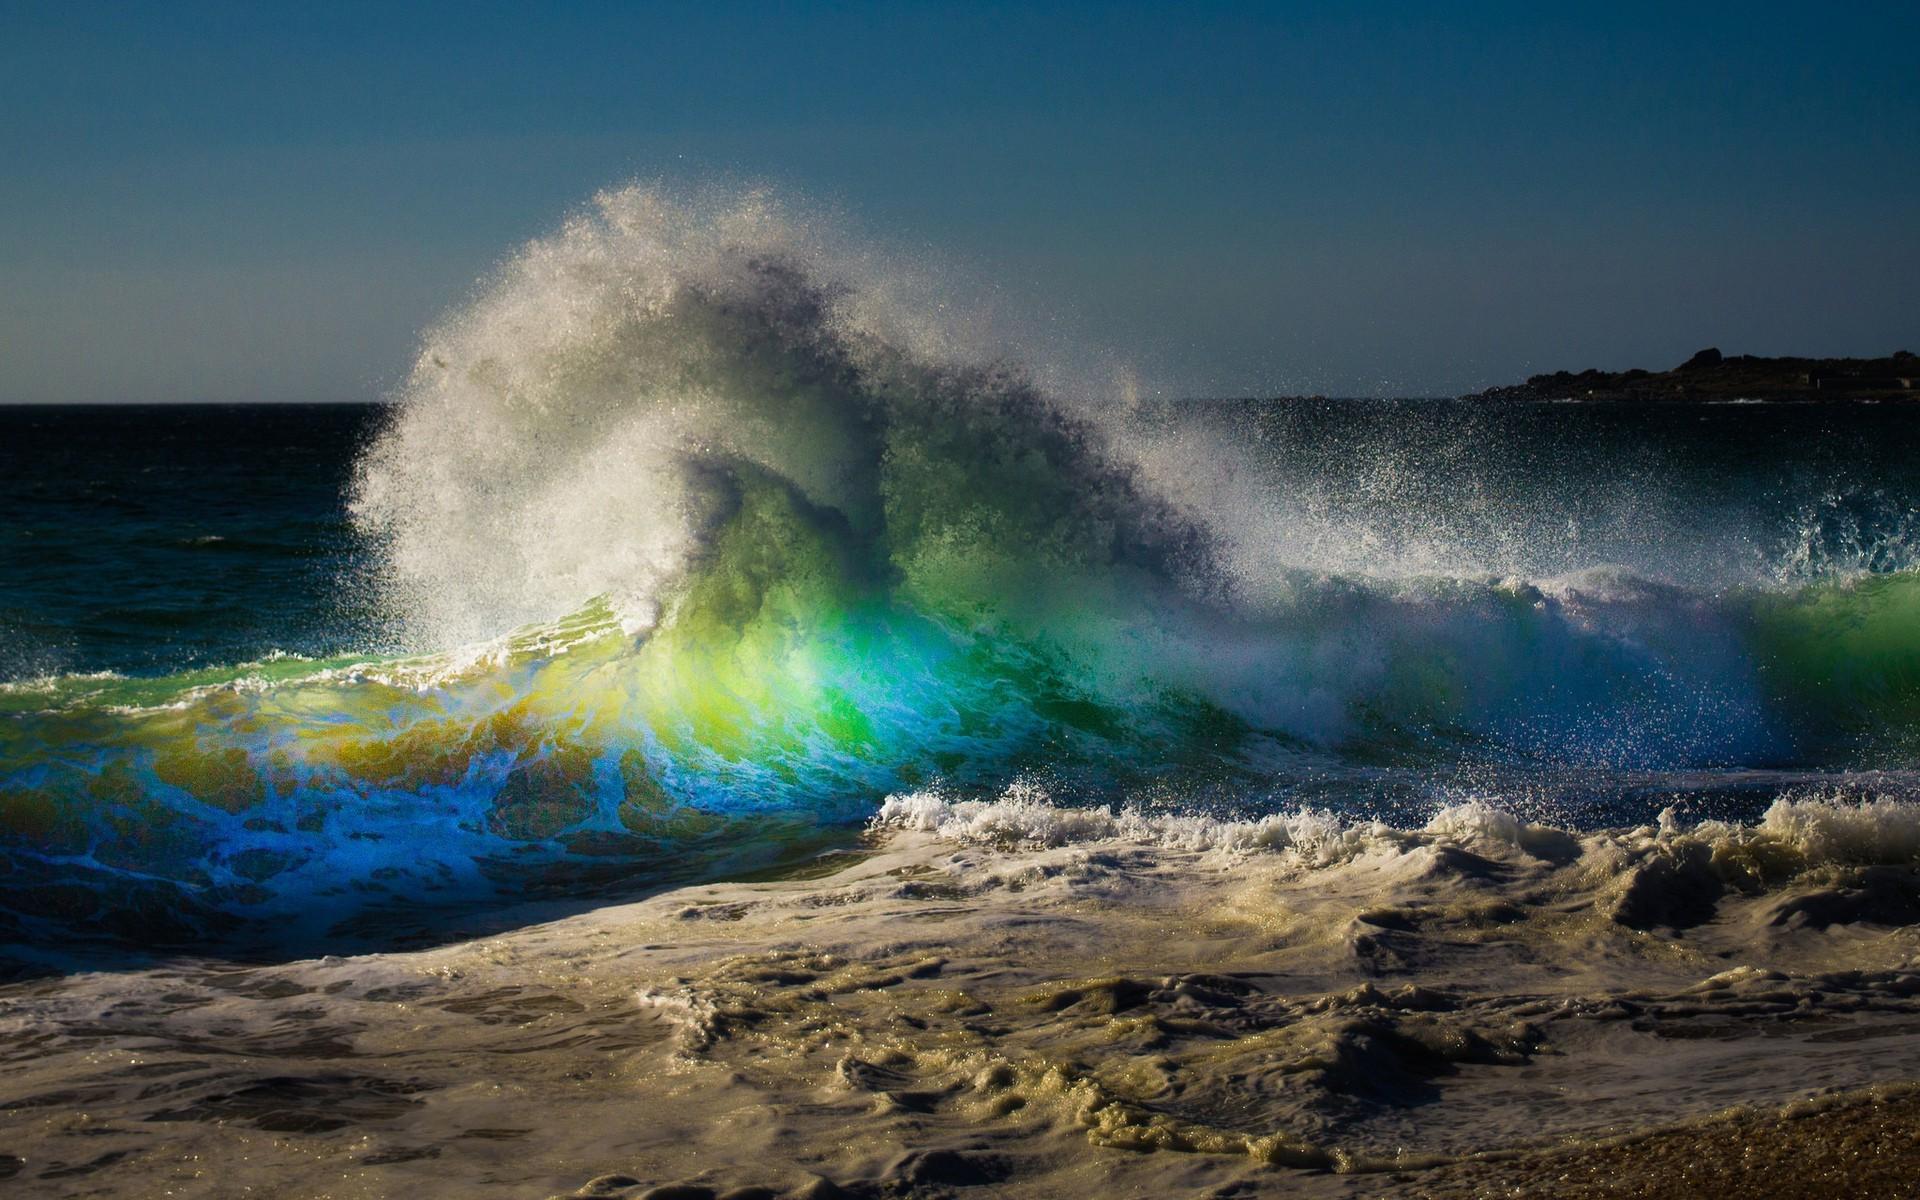 Hintergrundbilder : Landschaft, Meer, Wasser, Natur, Ufer